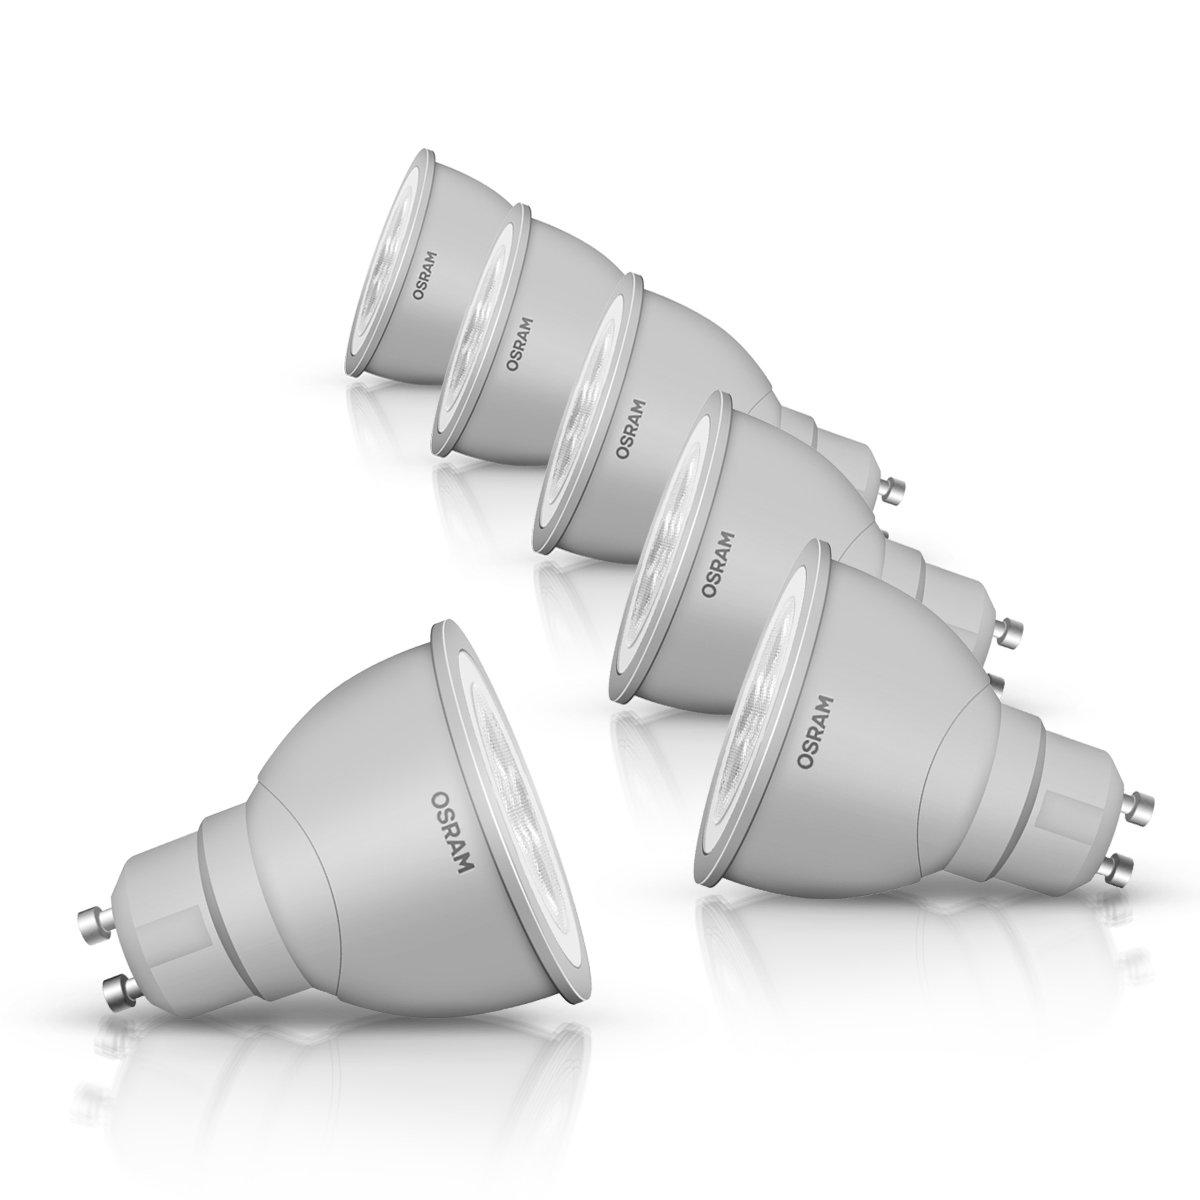 Osram 43140P6OS  LED Star Par Culot GU10 3, 5 W Blanc chaud Lot de 6 LEDVANCE 4052899910447 lampe halogène réflecteur lampe led réflecteur lampe OSRAM réflecteur éclairage led salle de bain éclairage led projecteur halogène éclairage led halogène